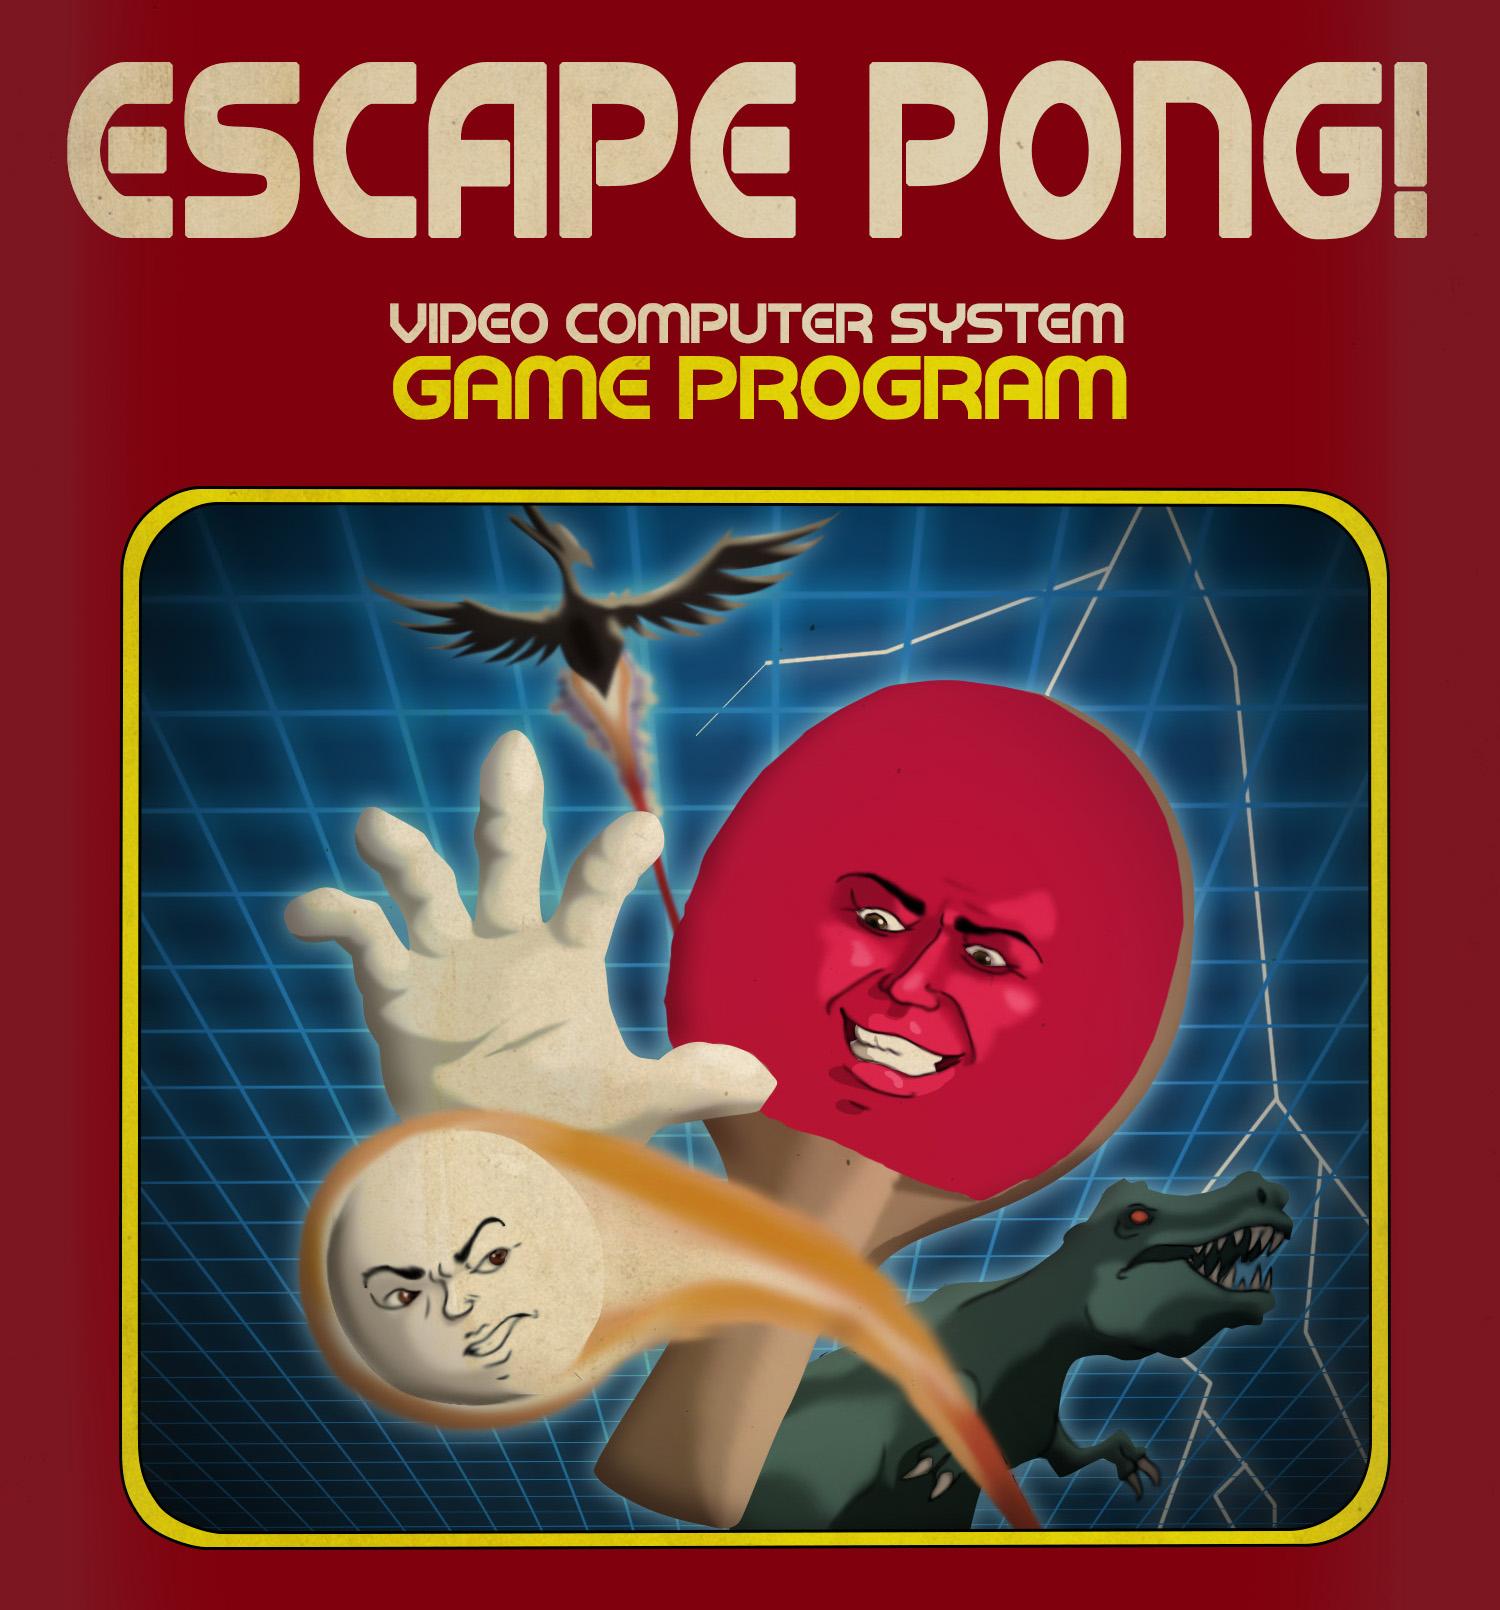 Escape Pong!